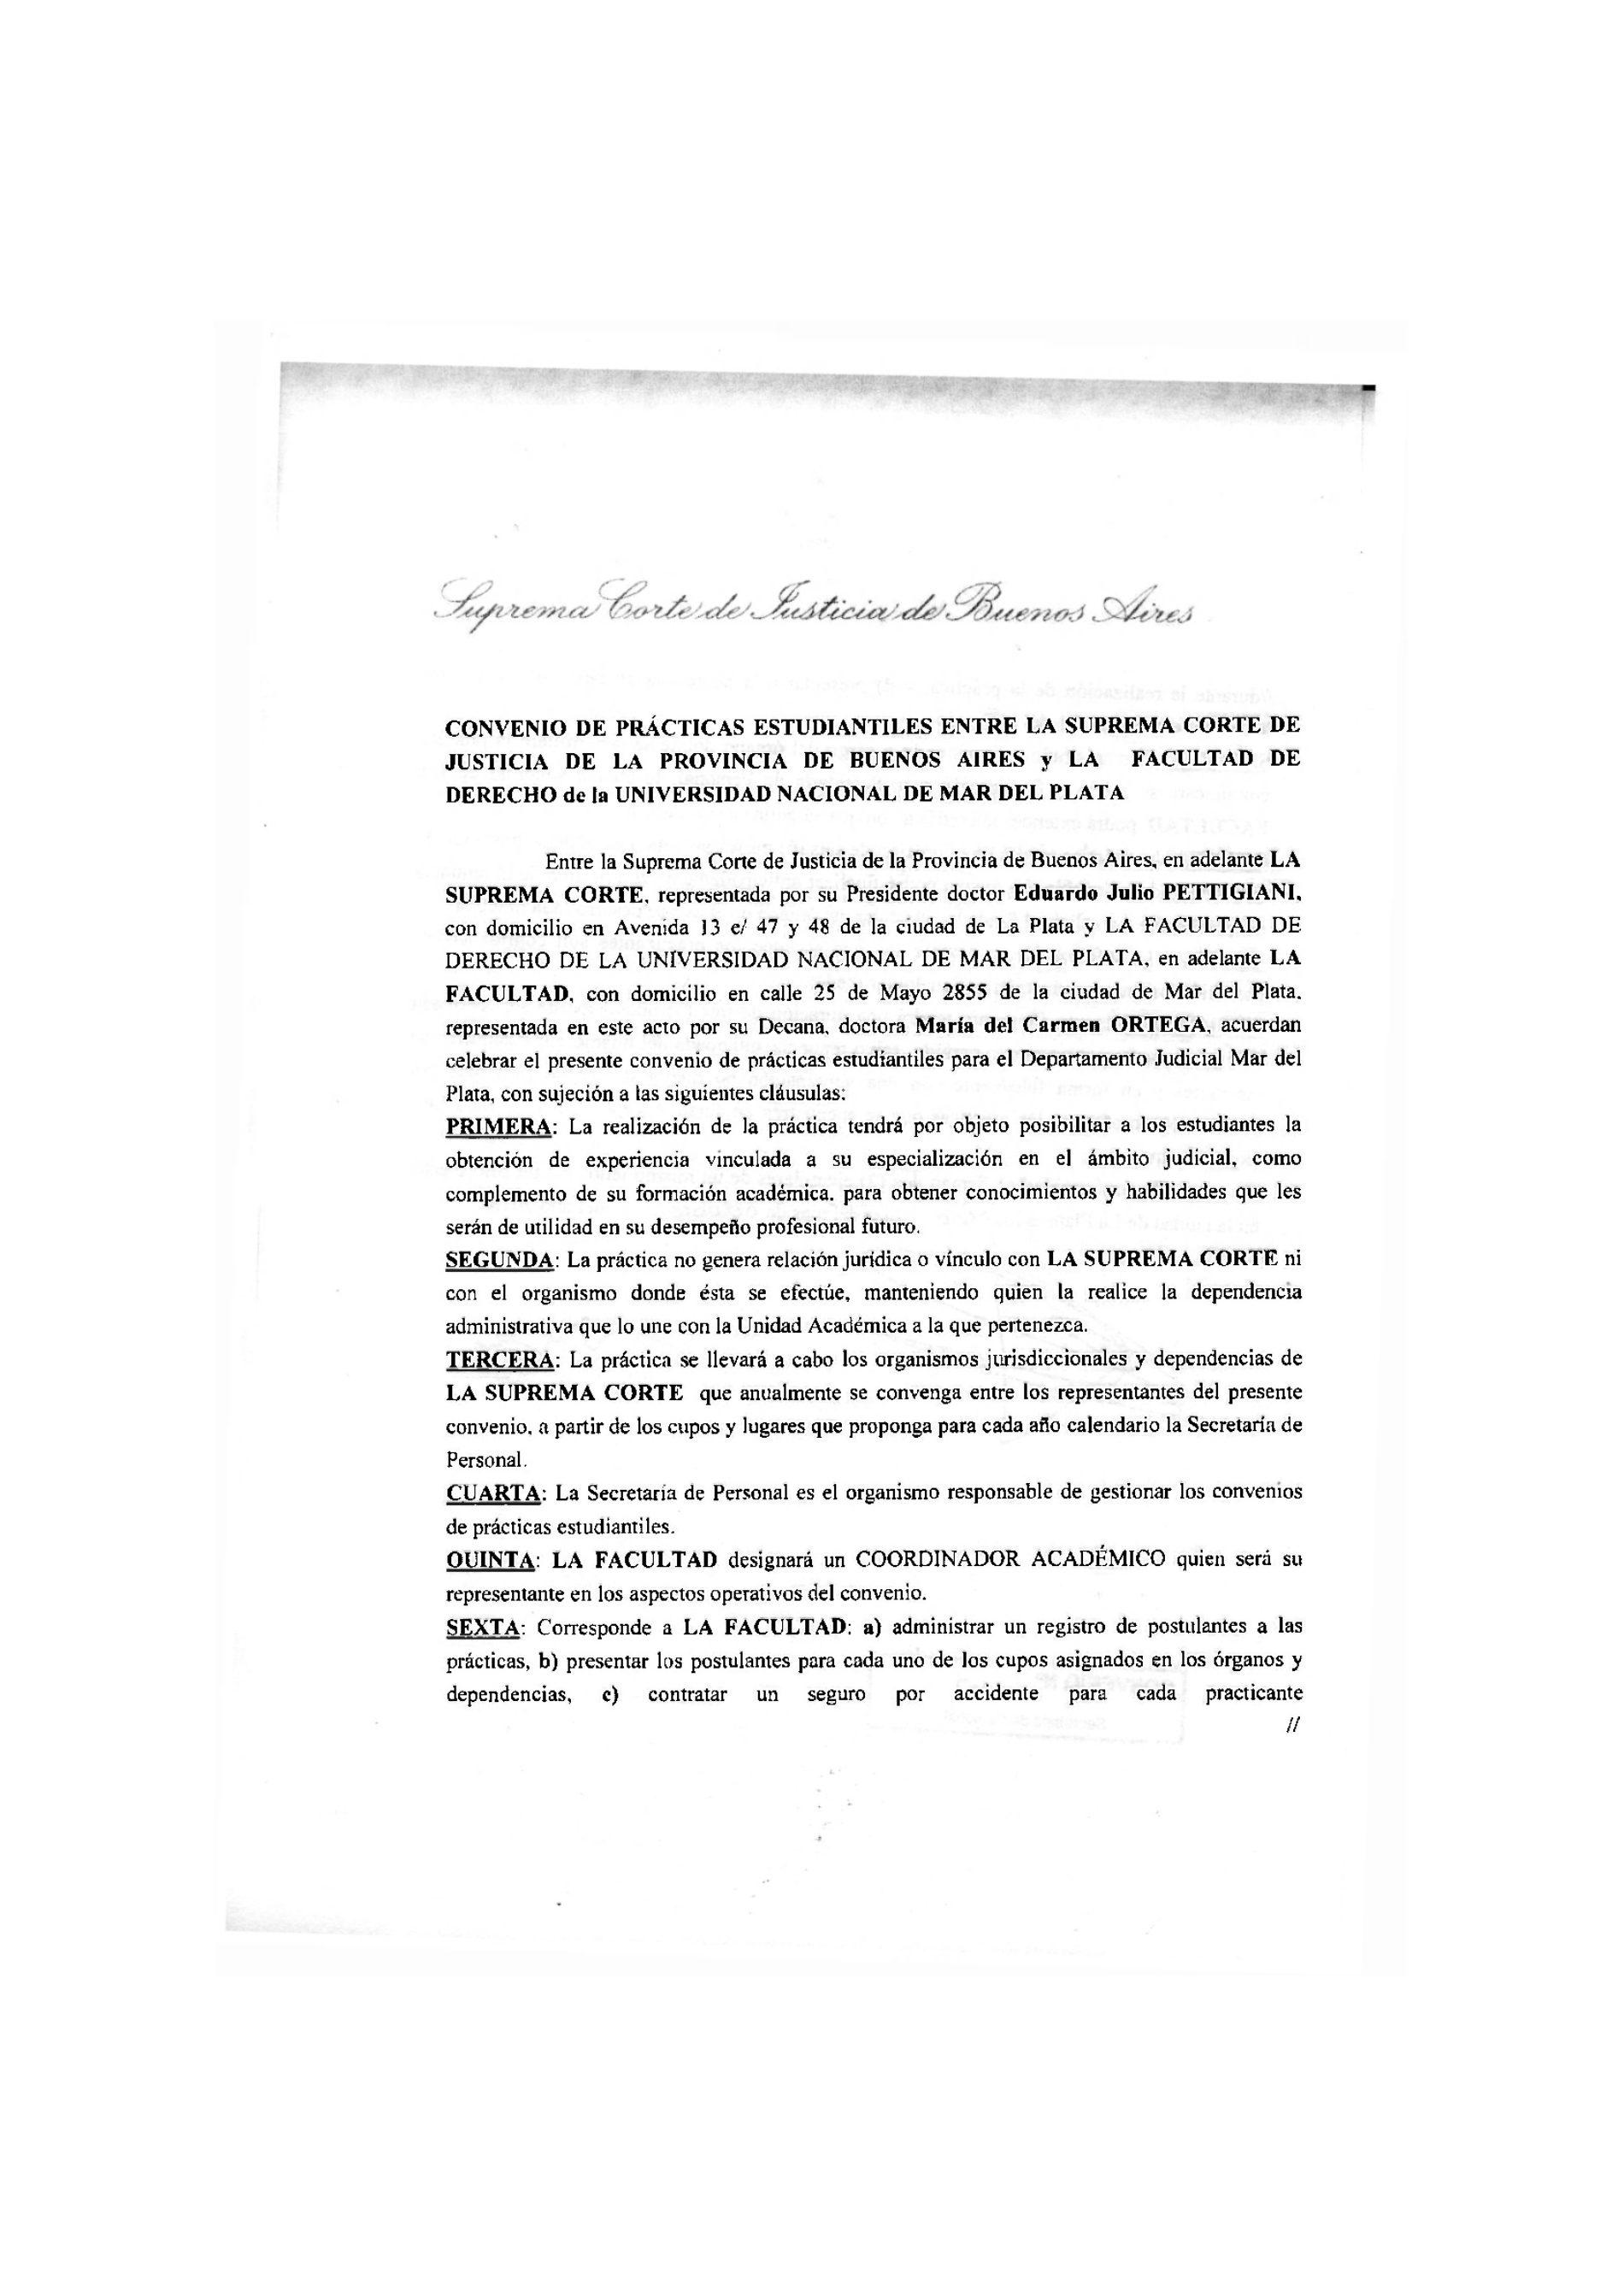 Convenio e/ SCJBA y la Facultad de Derecho de la Universidad Nacional de Mar del Plata: s/prácticas estudiantiles.